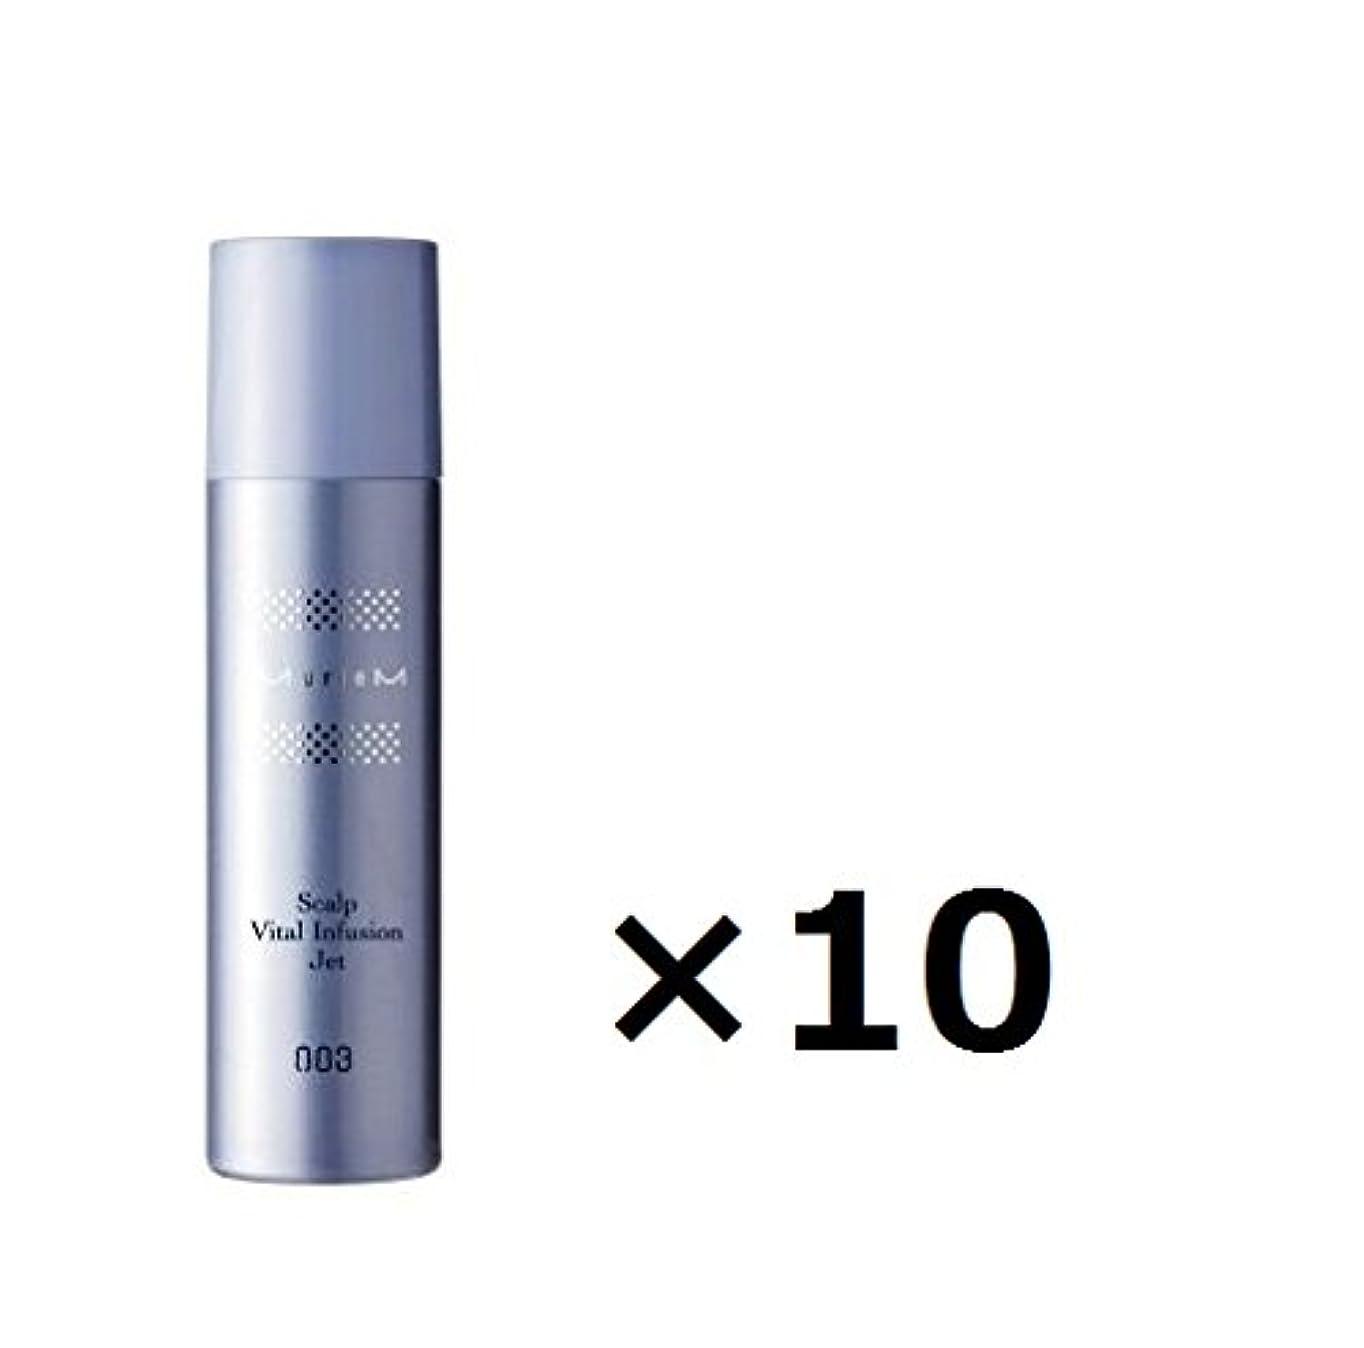 排泄する感度ペニー【10本セット】ナンバースリー ミュリアム 薬用スカルプバイタル インフュージョンジェット 160g